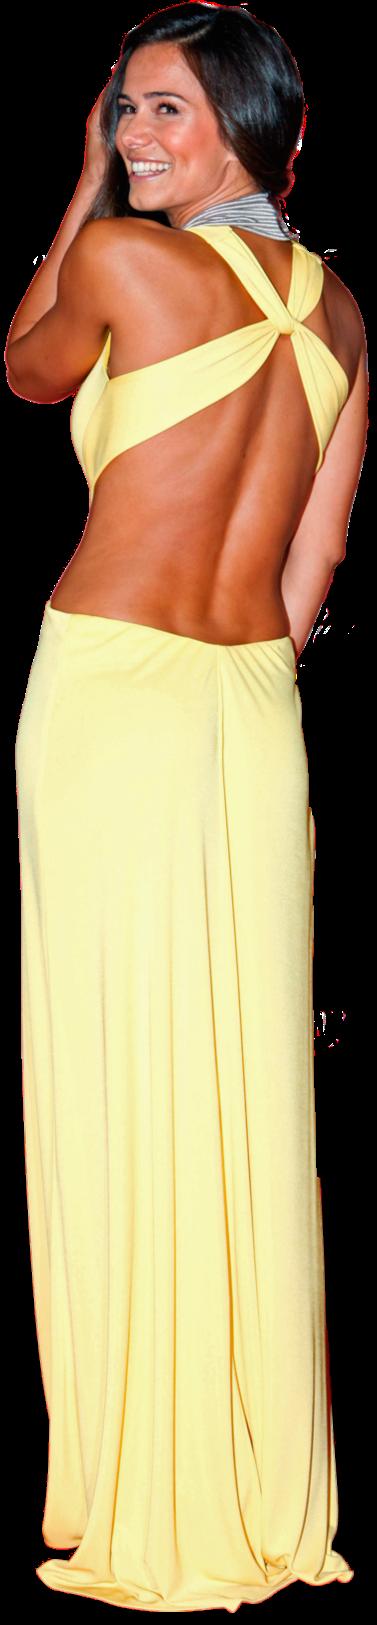 Se há pessoa que pode usar este vestido BCBG Max Azria é Cláudia Vieira. O corte ousado pode desfavorecer tanto figuras demasiado esguias, como outras com mais volume, mas, no caso da actriz, acentua as curvas nos sítios certos. O amarelo pálido combina muitíssimo bem com o tom de pele moreno de Cláudia, que também acertou na escolha do penteado: elegante e sensual.